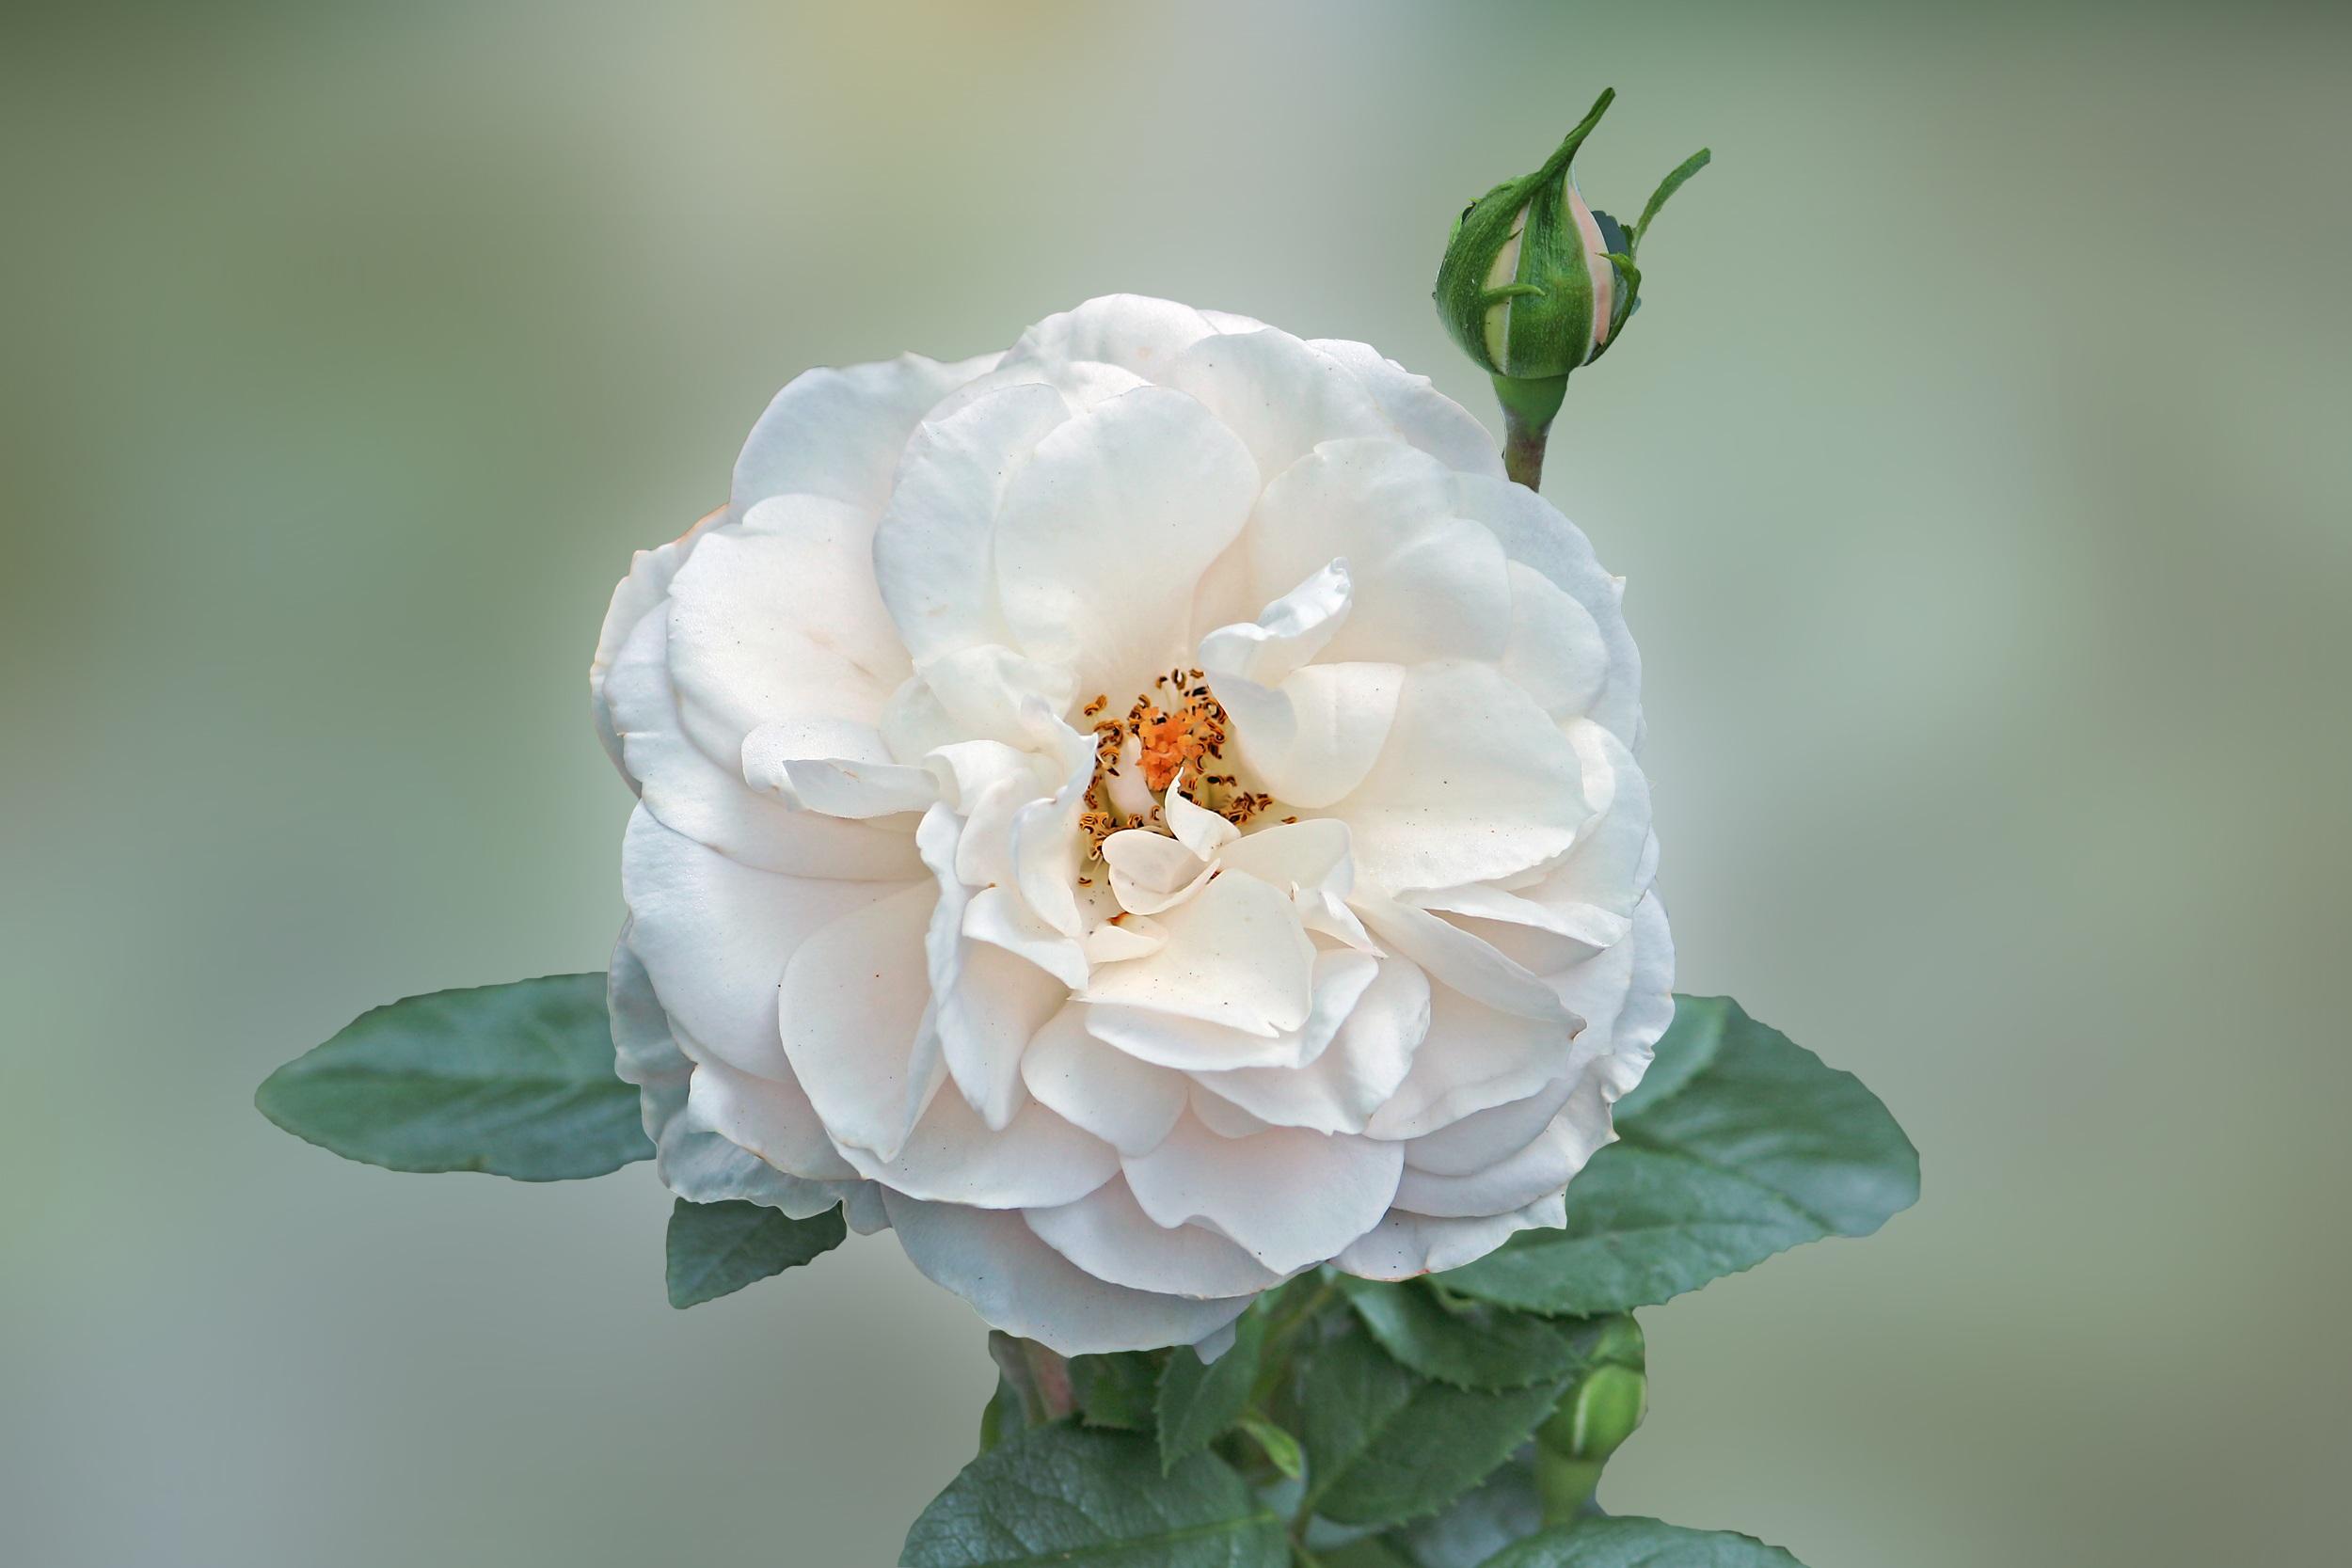 Mekar menanam putih bunga daun bunga berkembang mawar botani flora merapatkan floribunda fotografi makro mawar putih